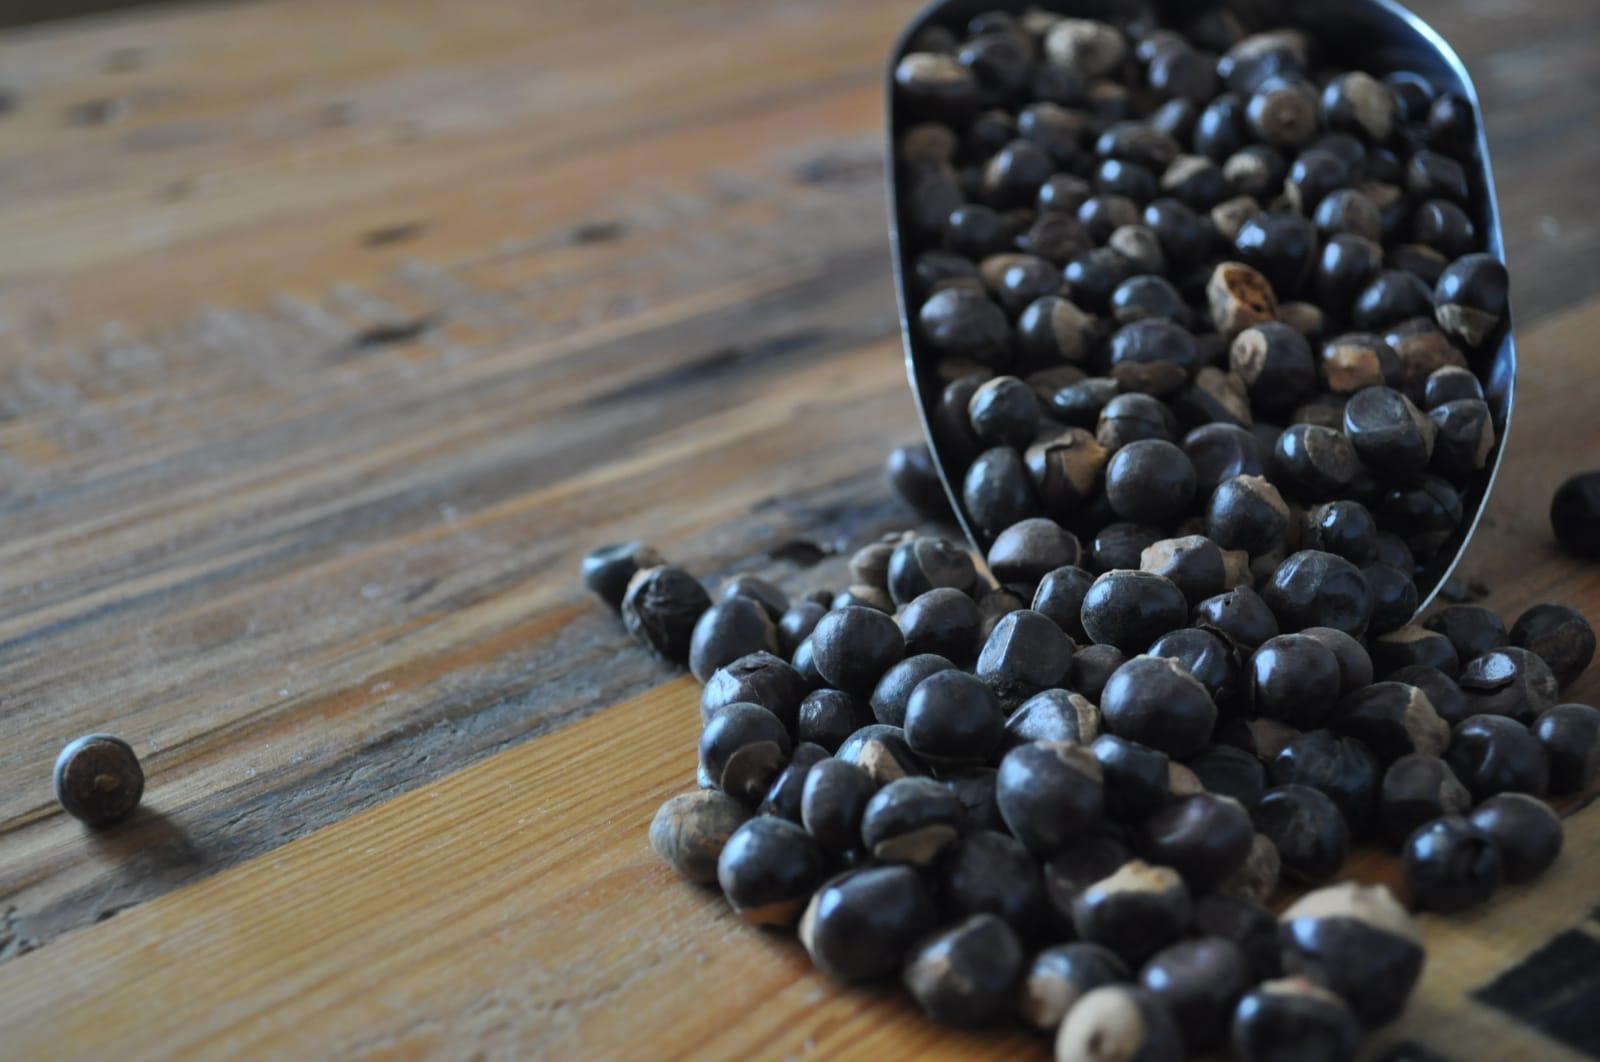 Semillas de guaraná de Black Stone Coffee